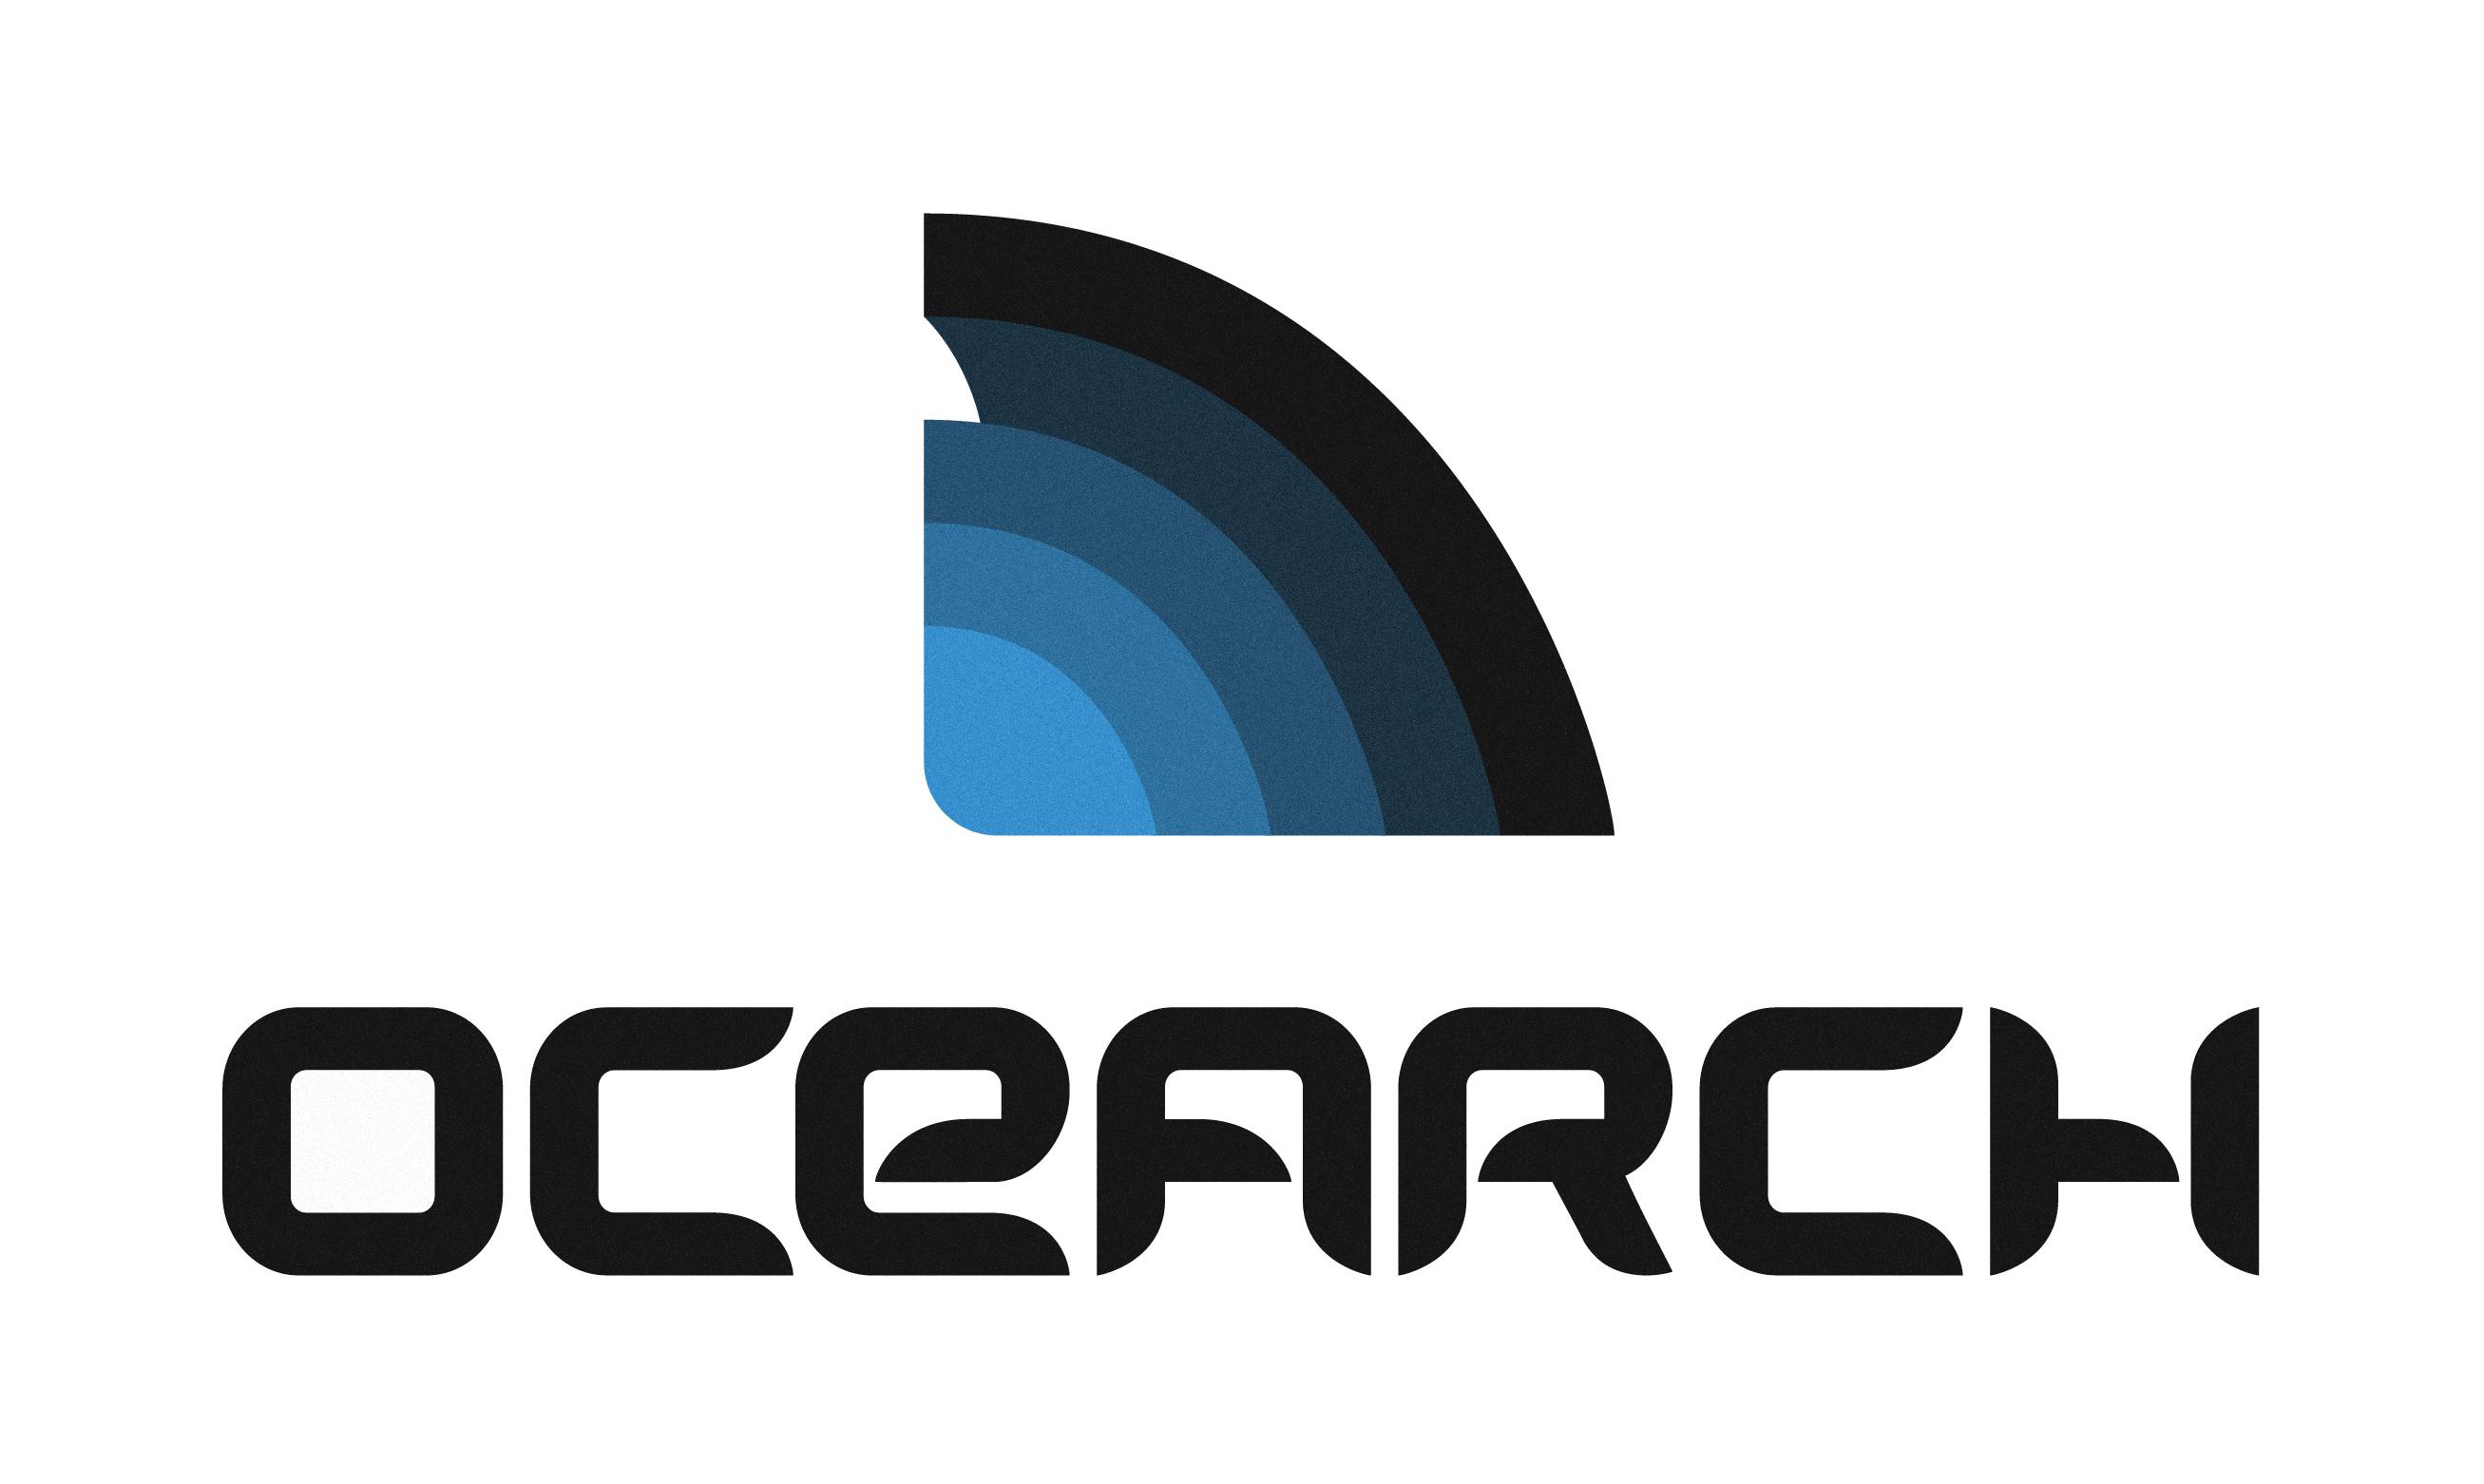 ocearch-logo-concept